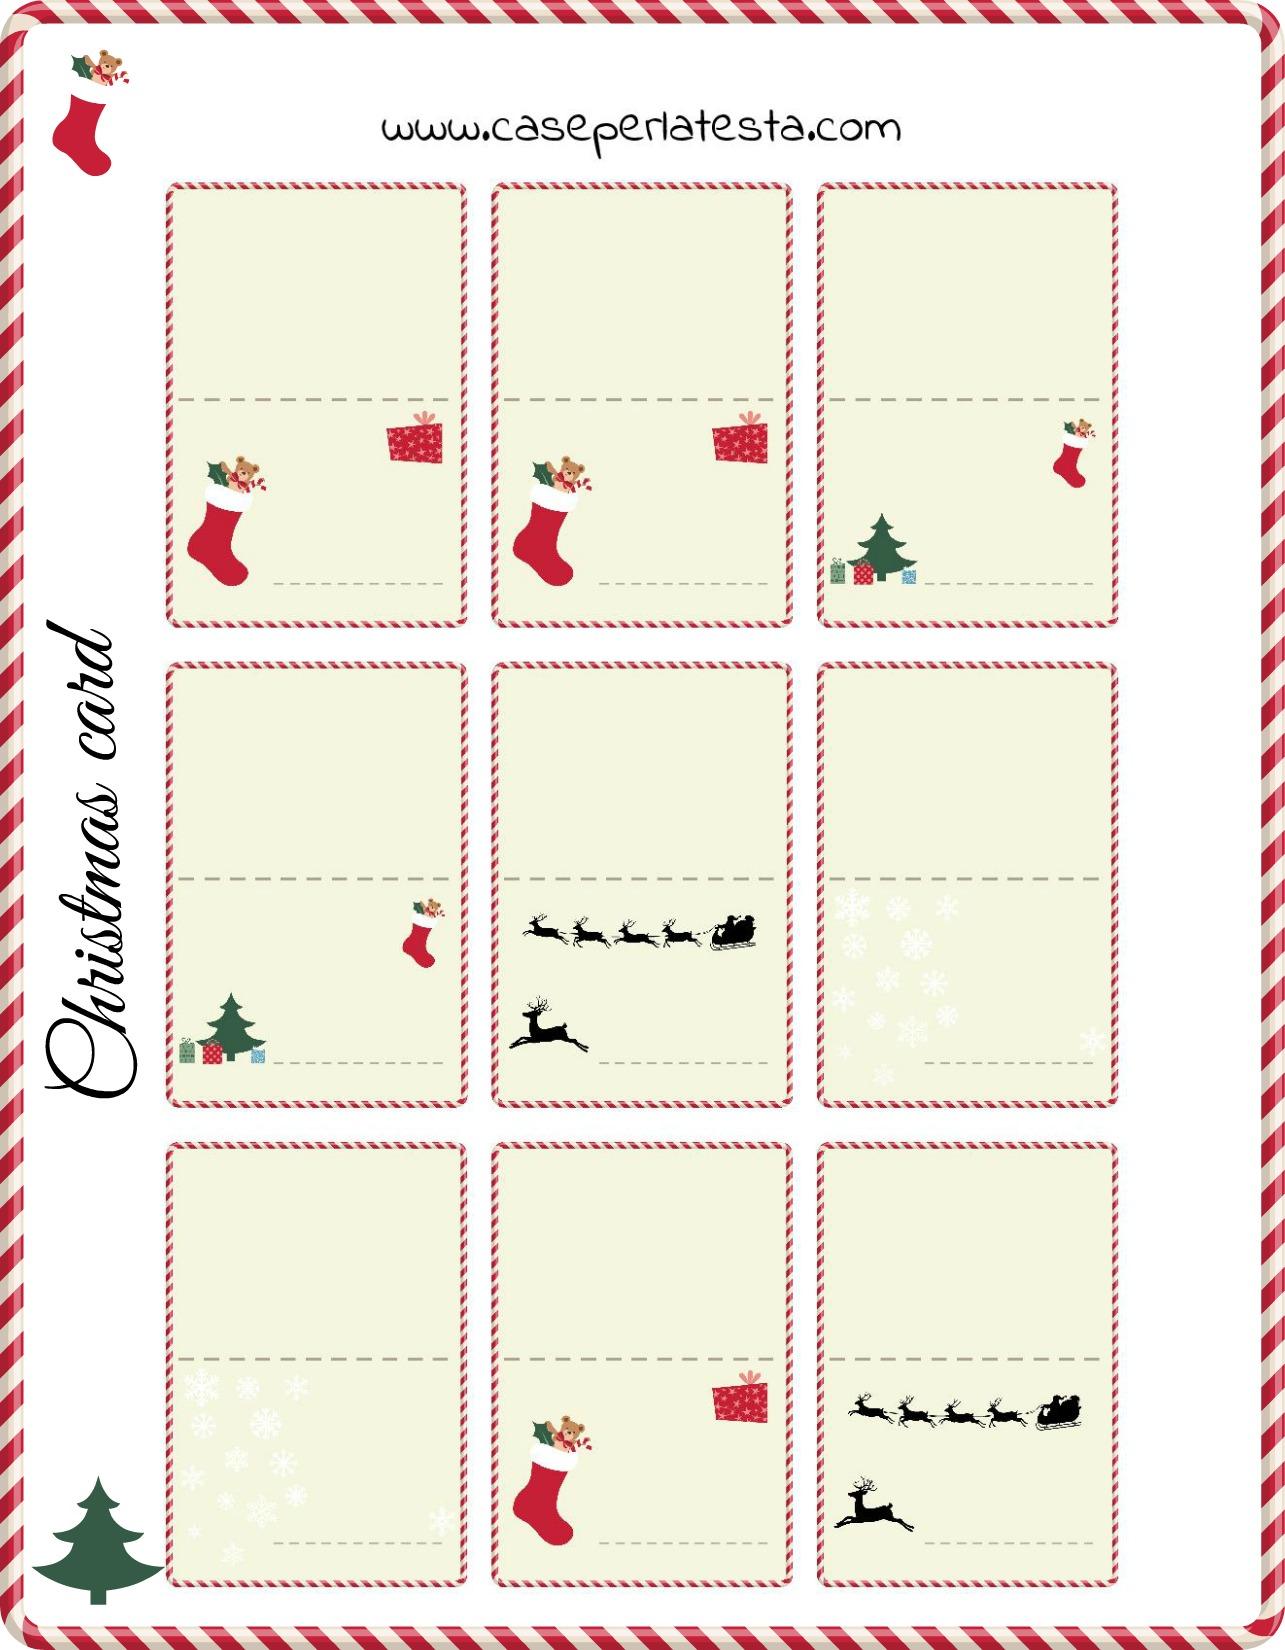 Biglietti Per Regali Di Natale Da Stampare.Biglietti Di Natale Gratis Free Xmas Cards Caseperlatesta